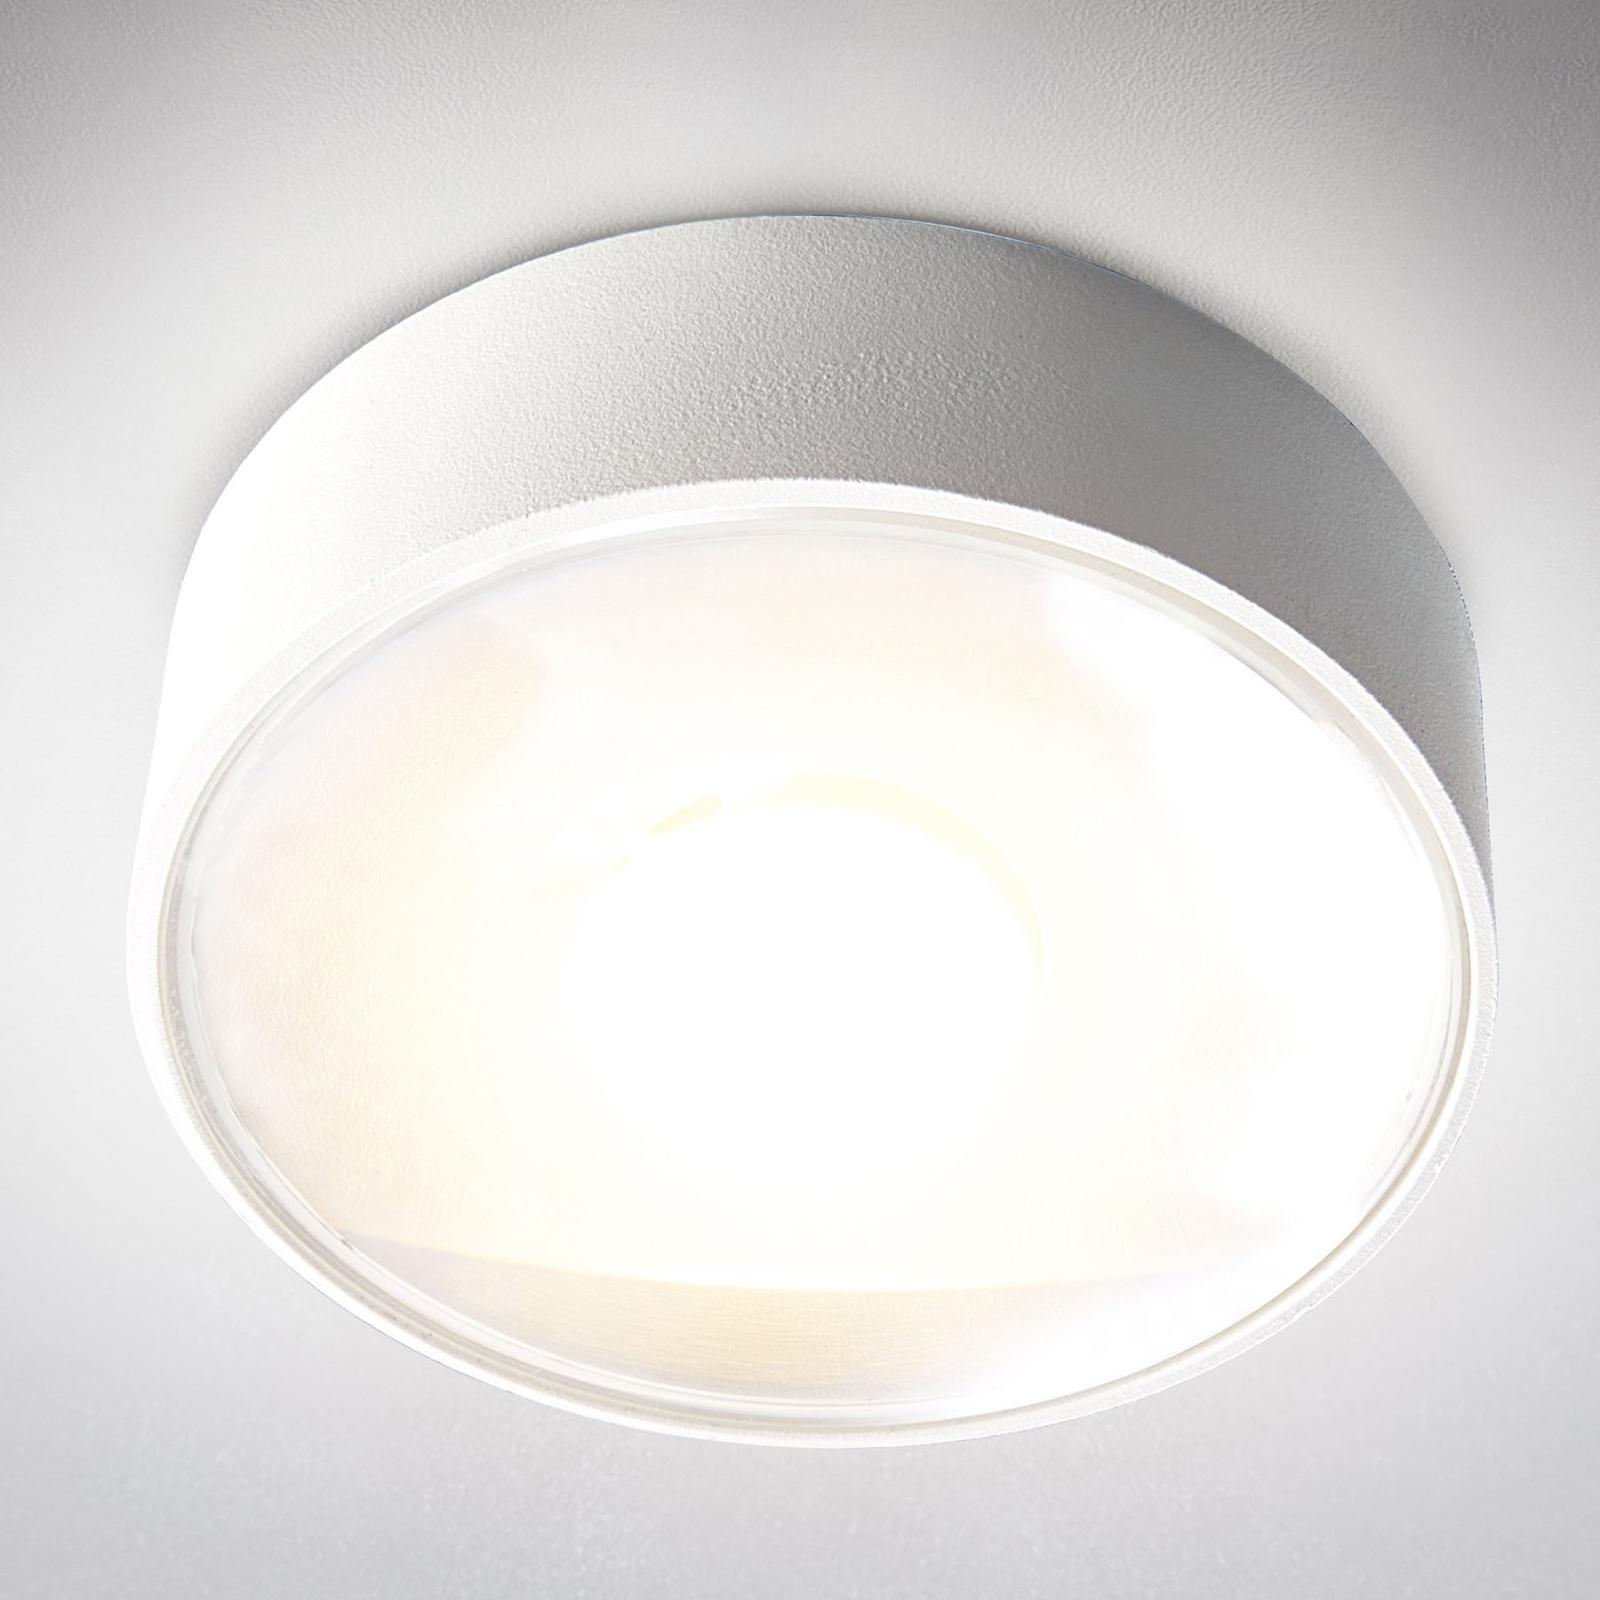 LED-ulkokattovalaisin Girona, valkainen